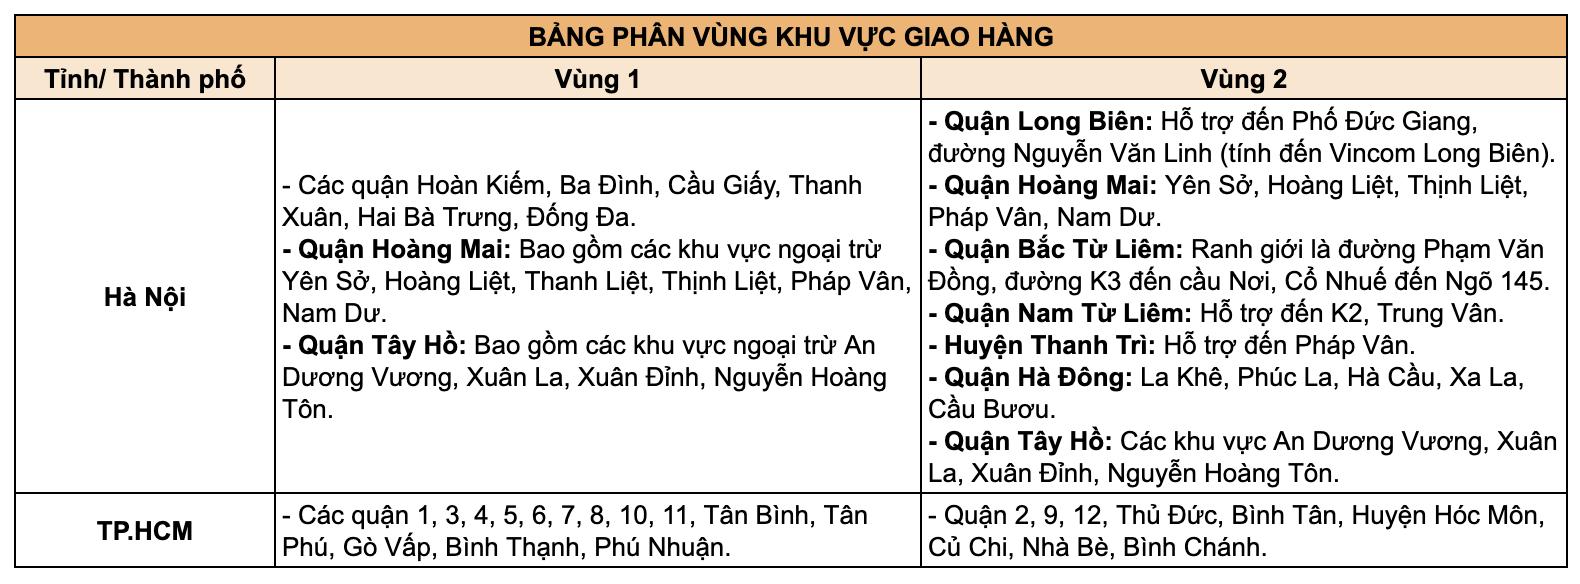 Bảng giá đặt hàng Trung Quốc 8